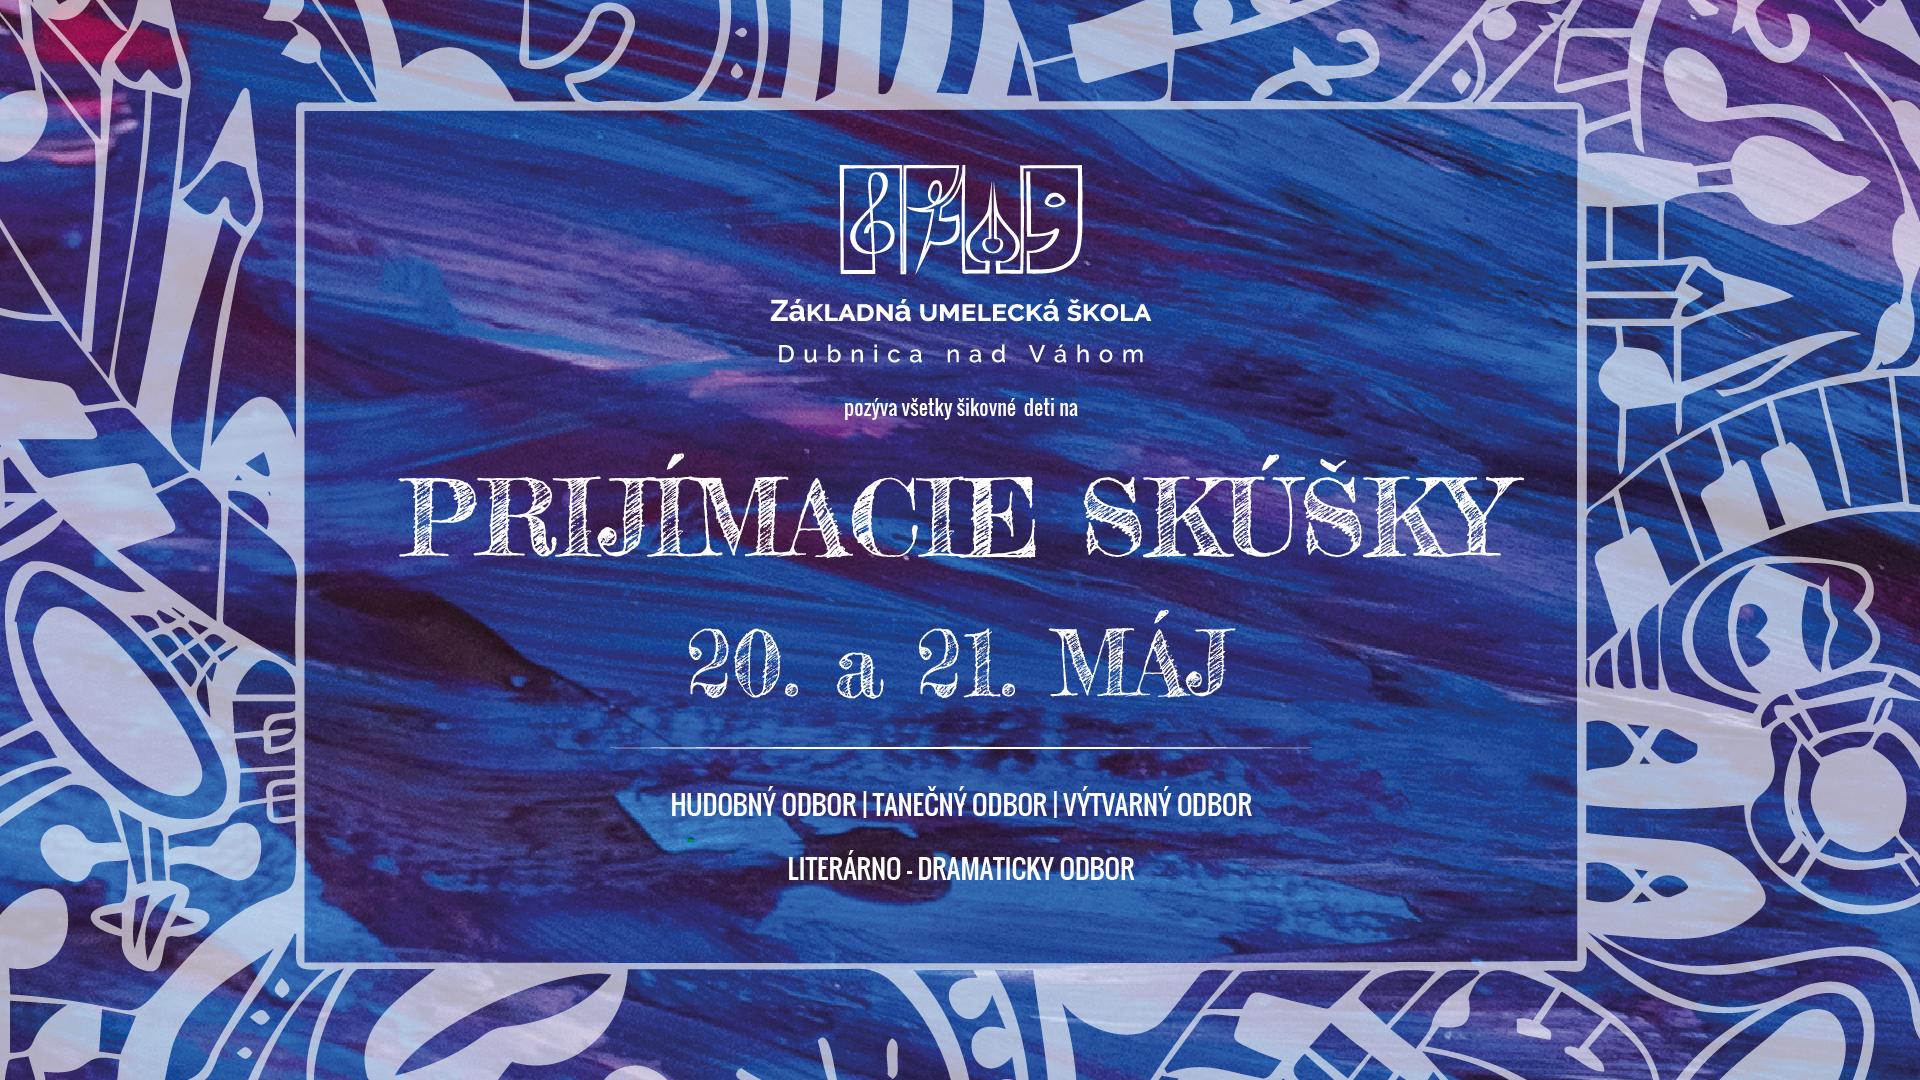 Prijímacie skôšky do Základnej umeleckej školy v Dubnici nad Váhom, hudobný, výtvarný, tanečný a literárno-dramatický odbor